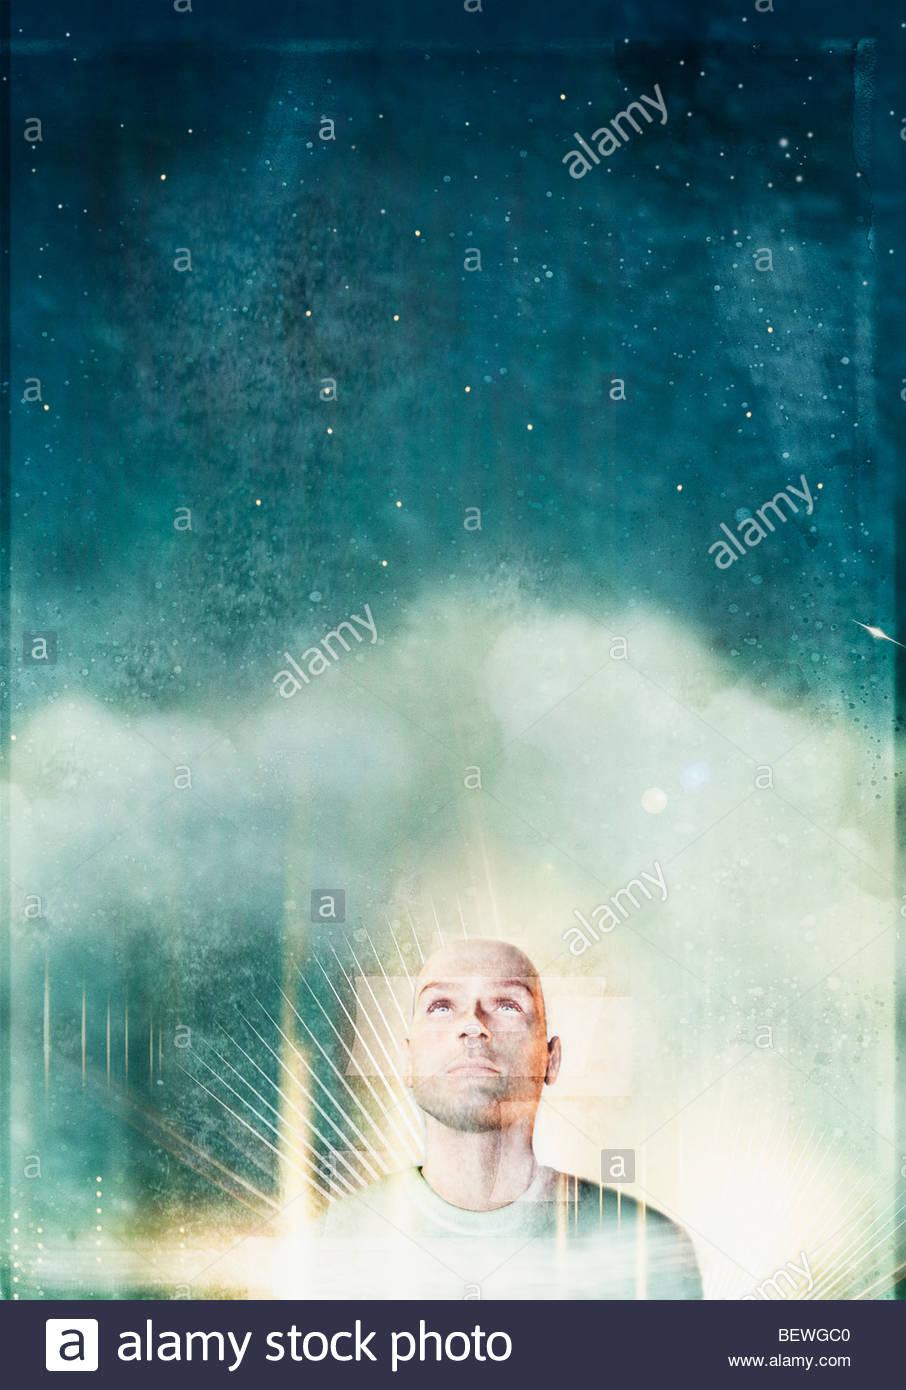 Hombre mirando el cielo nocturno Imagen De Stock